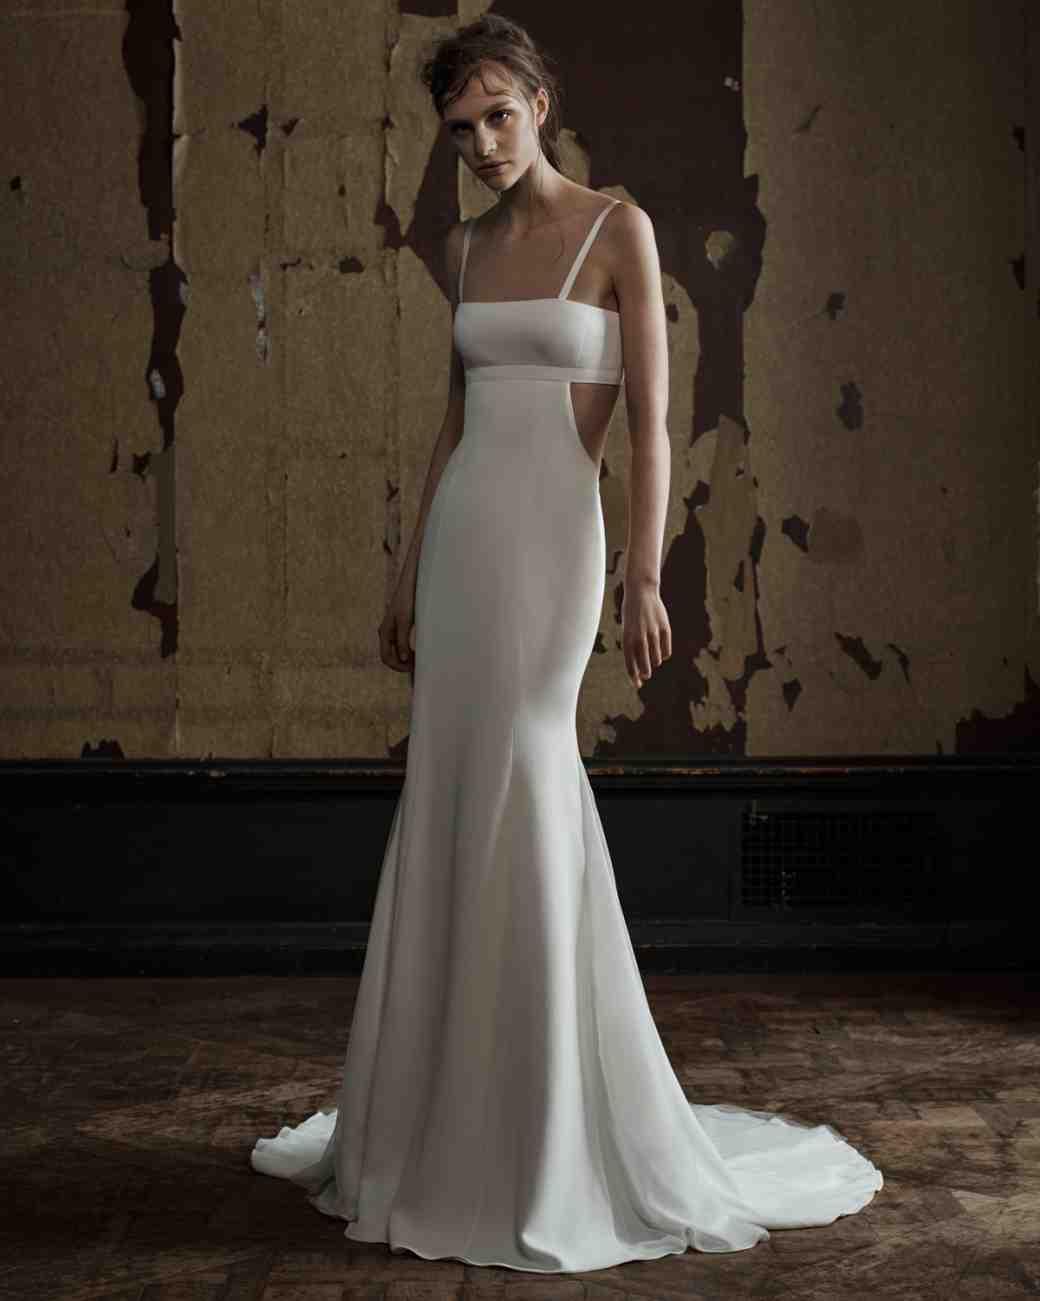 Vera Wang Bridal Hairstyles 2016 Spring